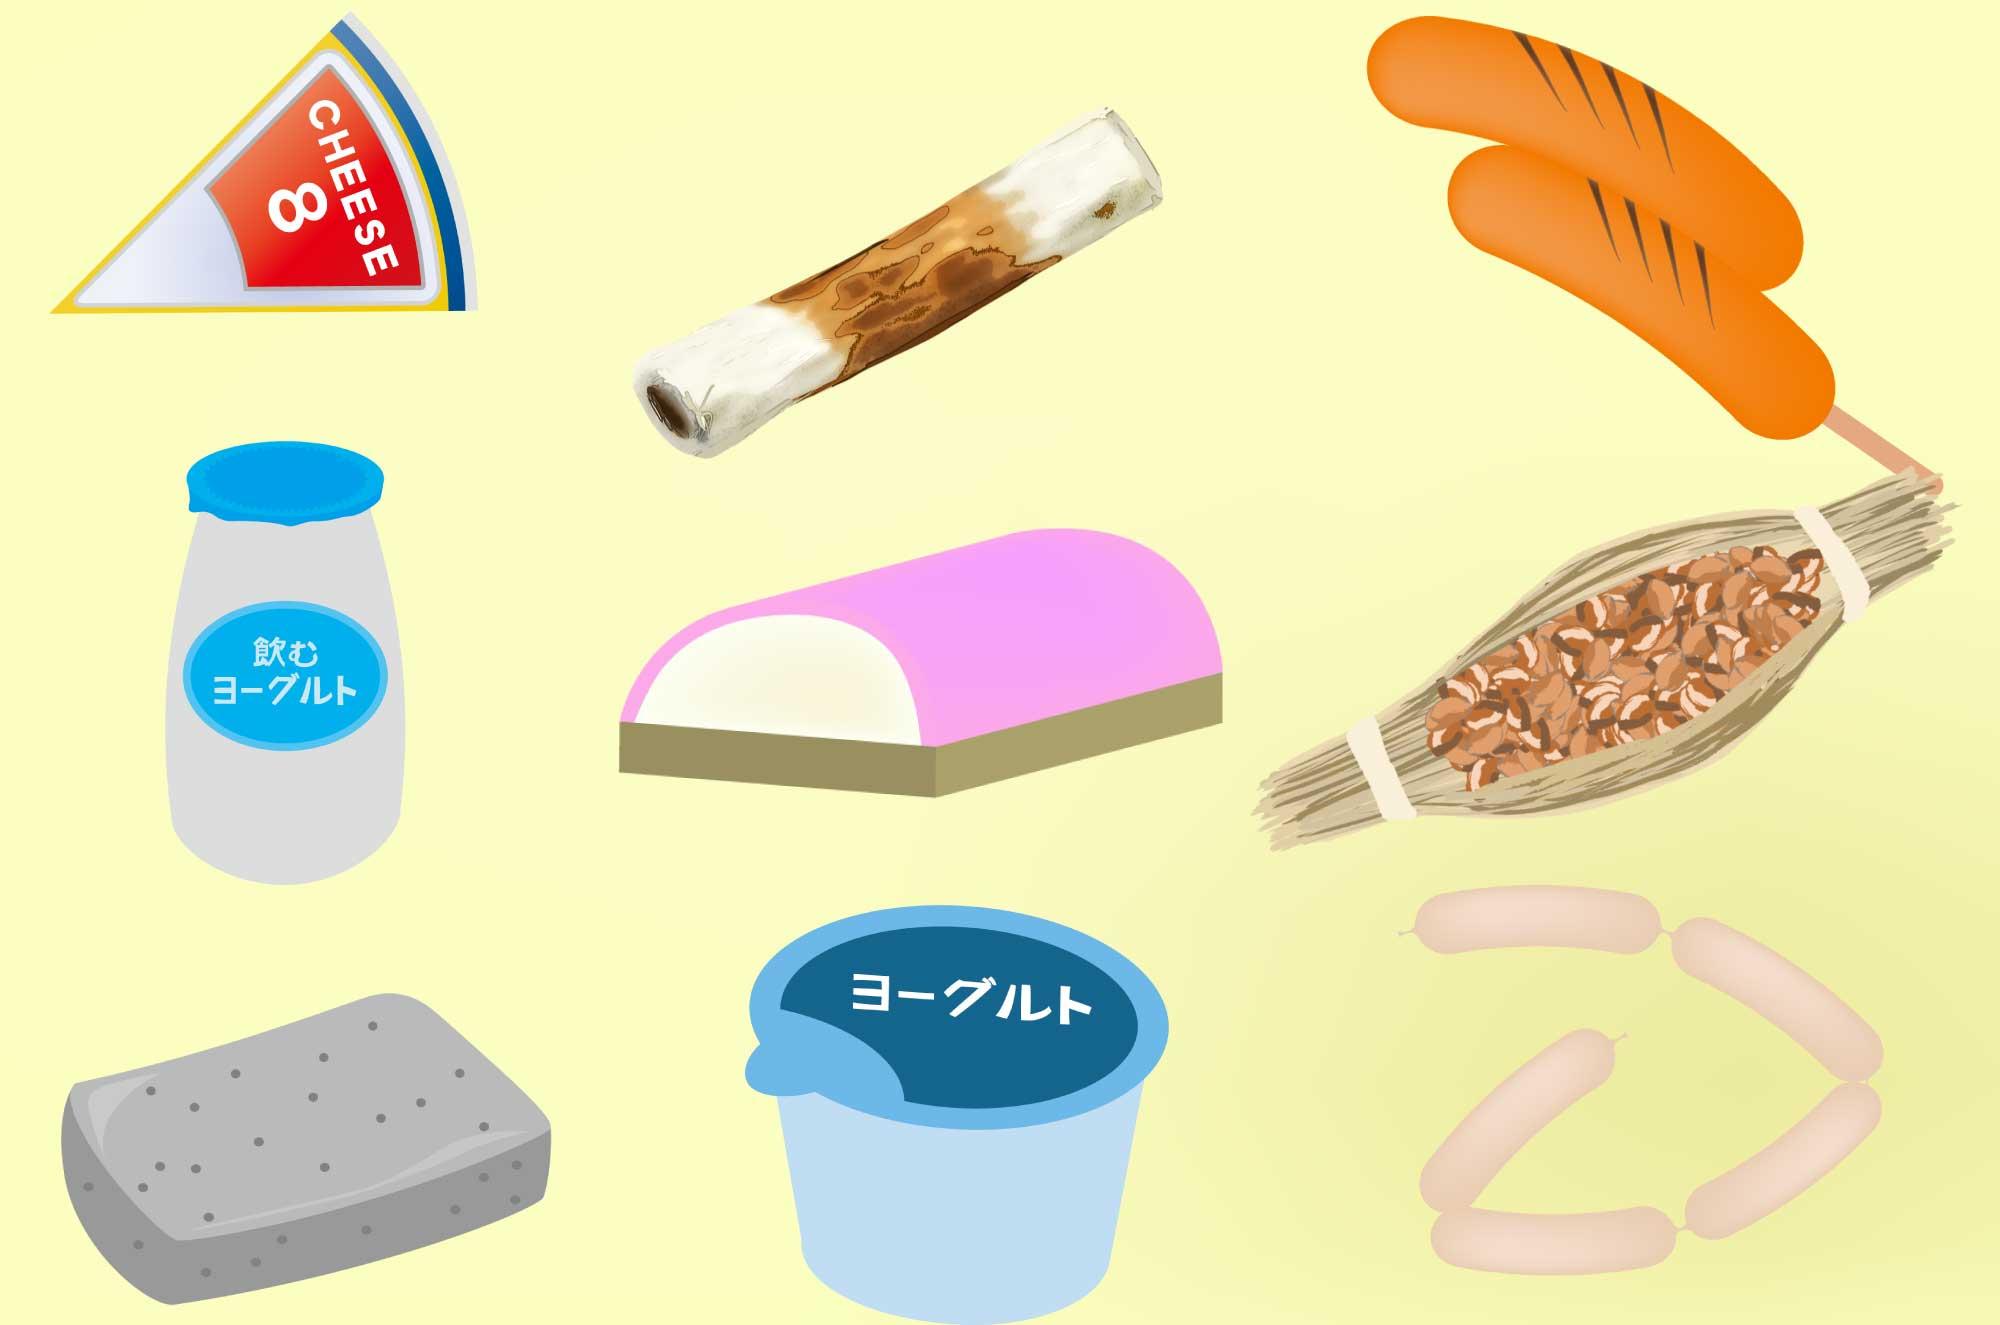 加工食品の無料イラスト - 調理・加工した食べ物素材